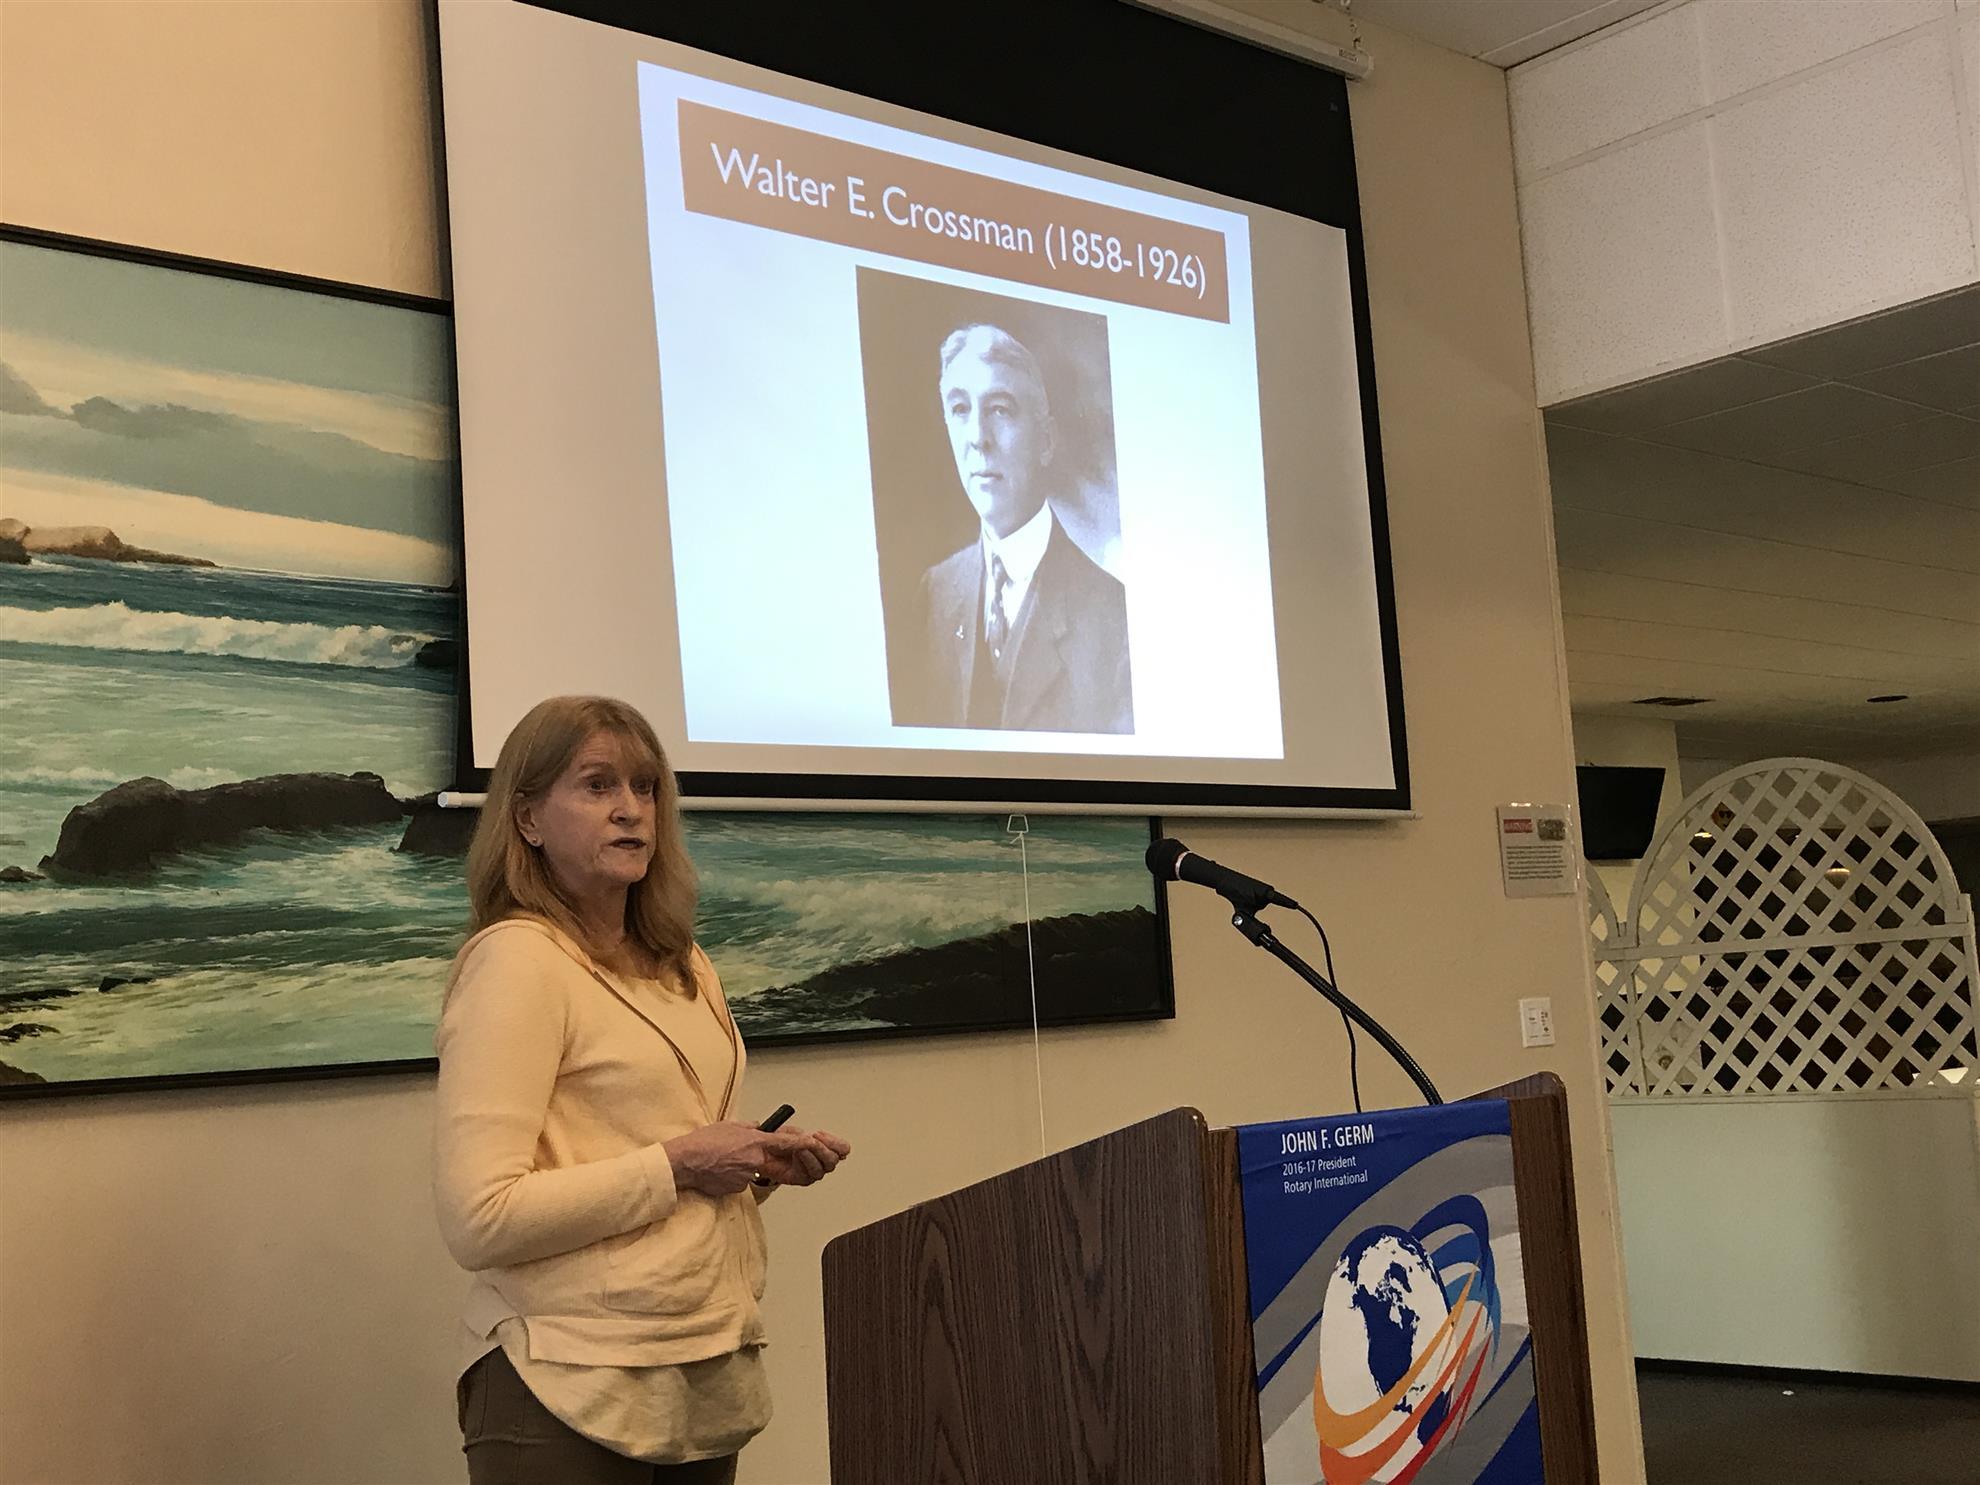 Krista Van Laan, Historian and Author